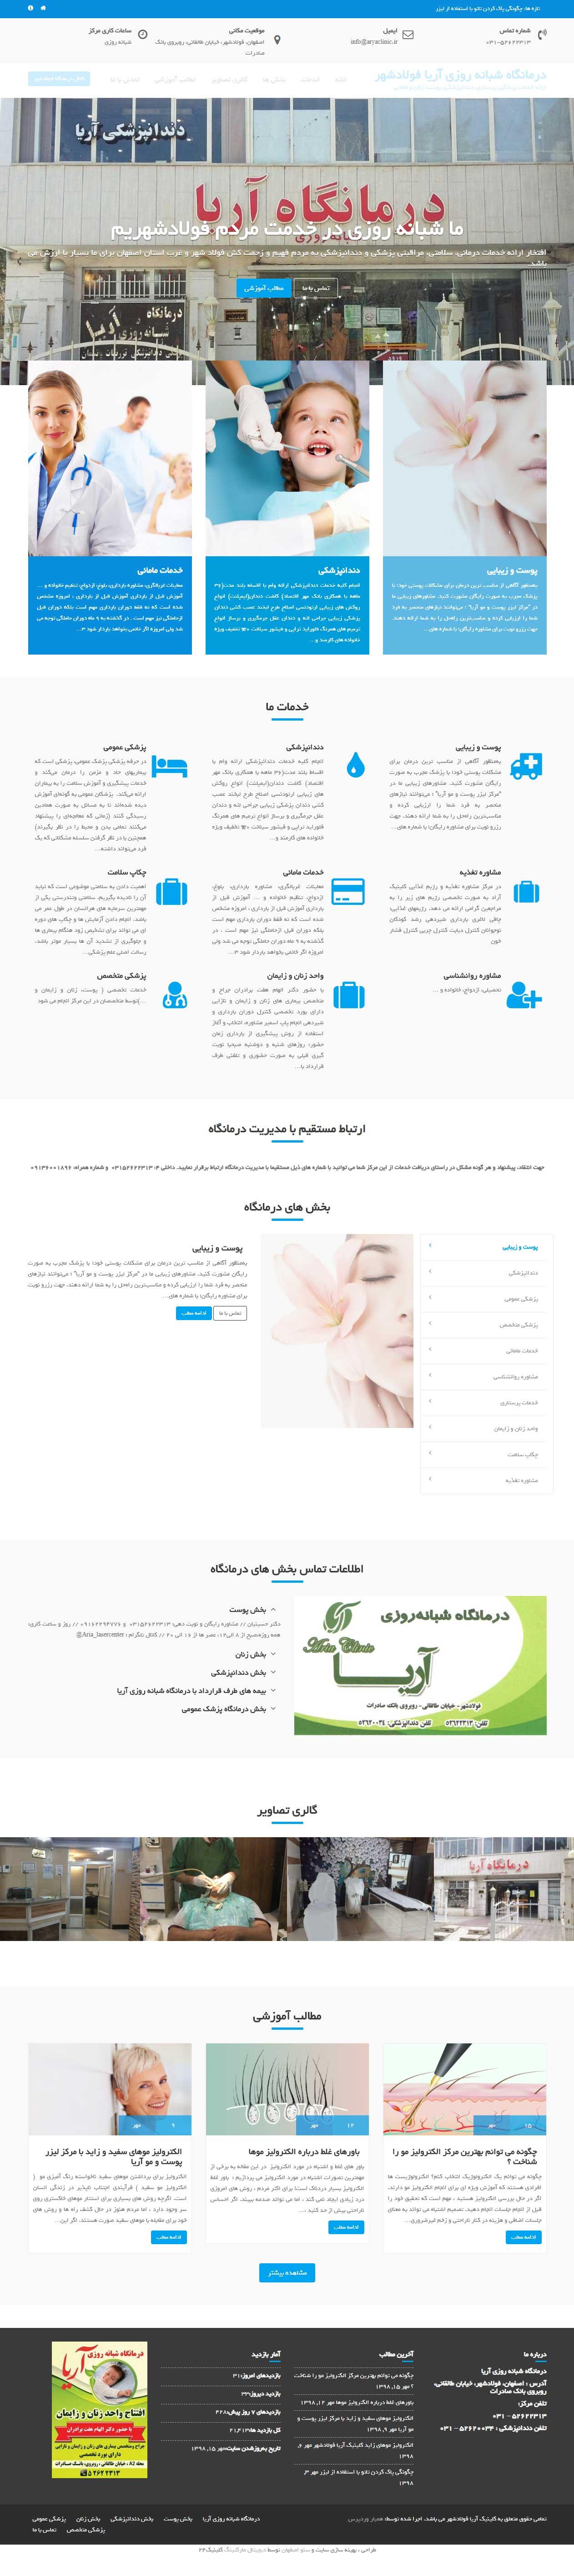 طراحی وب سایت درمانگاه شبانه روزی آریا